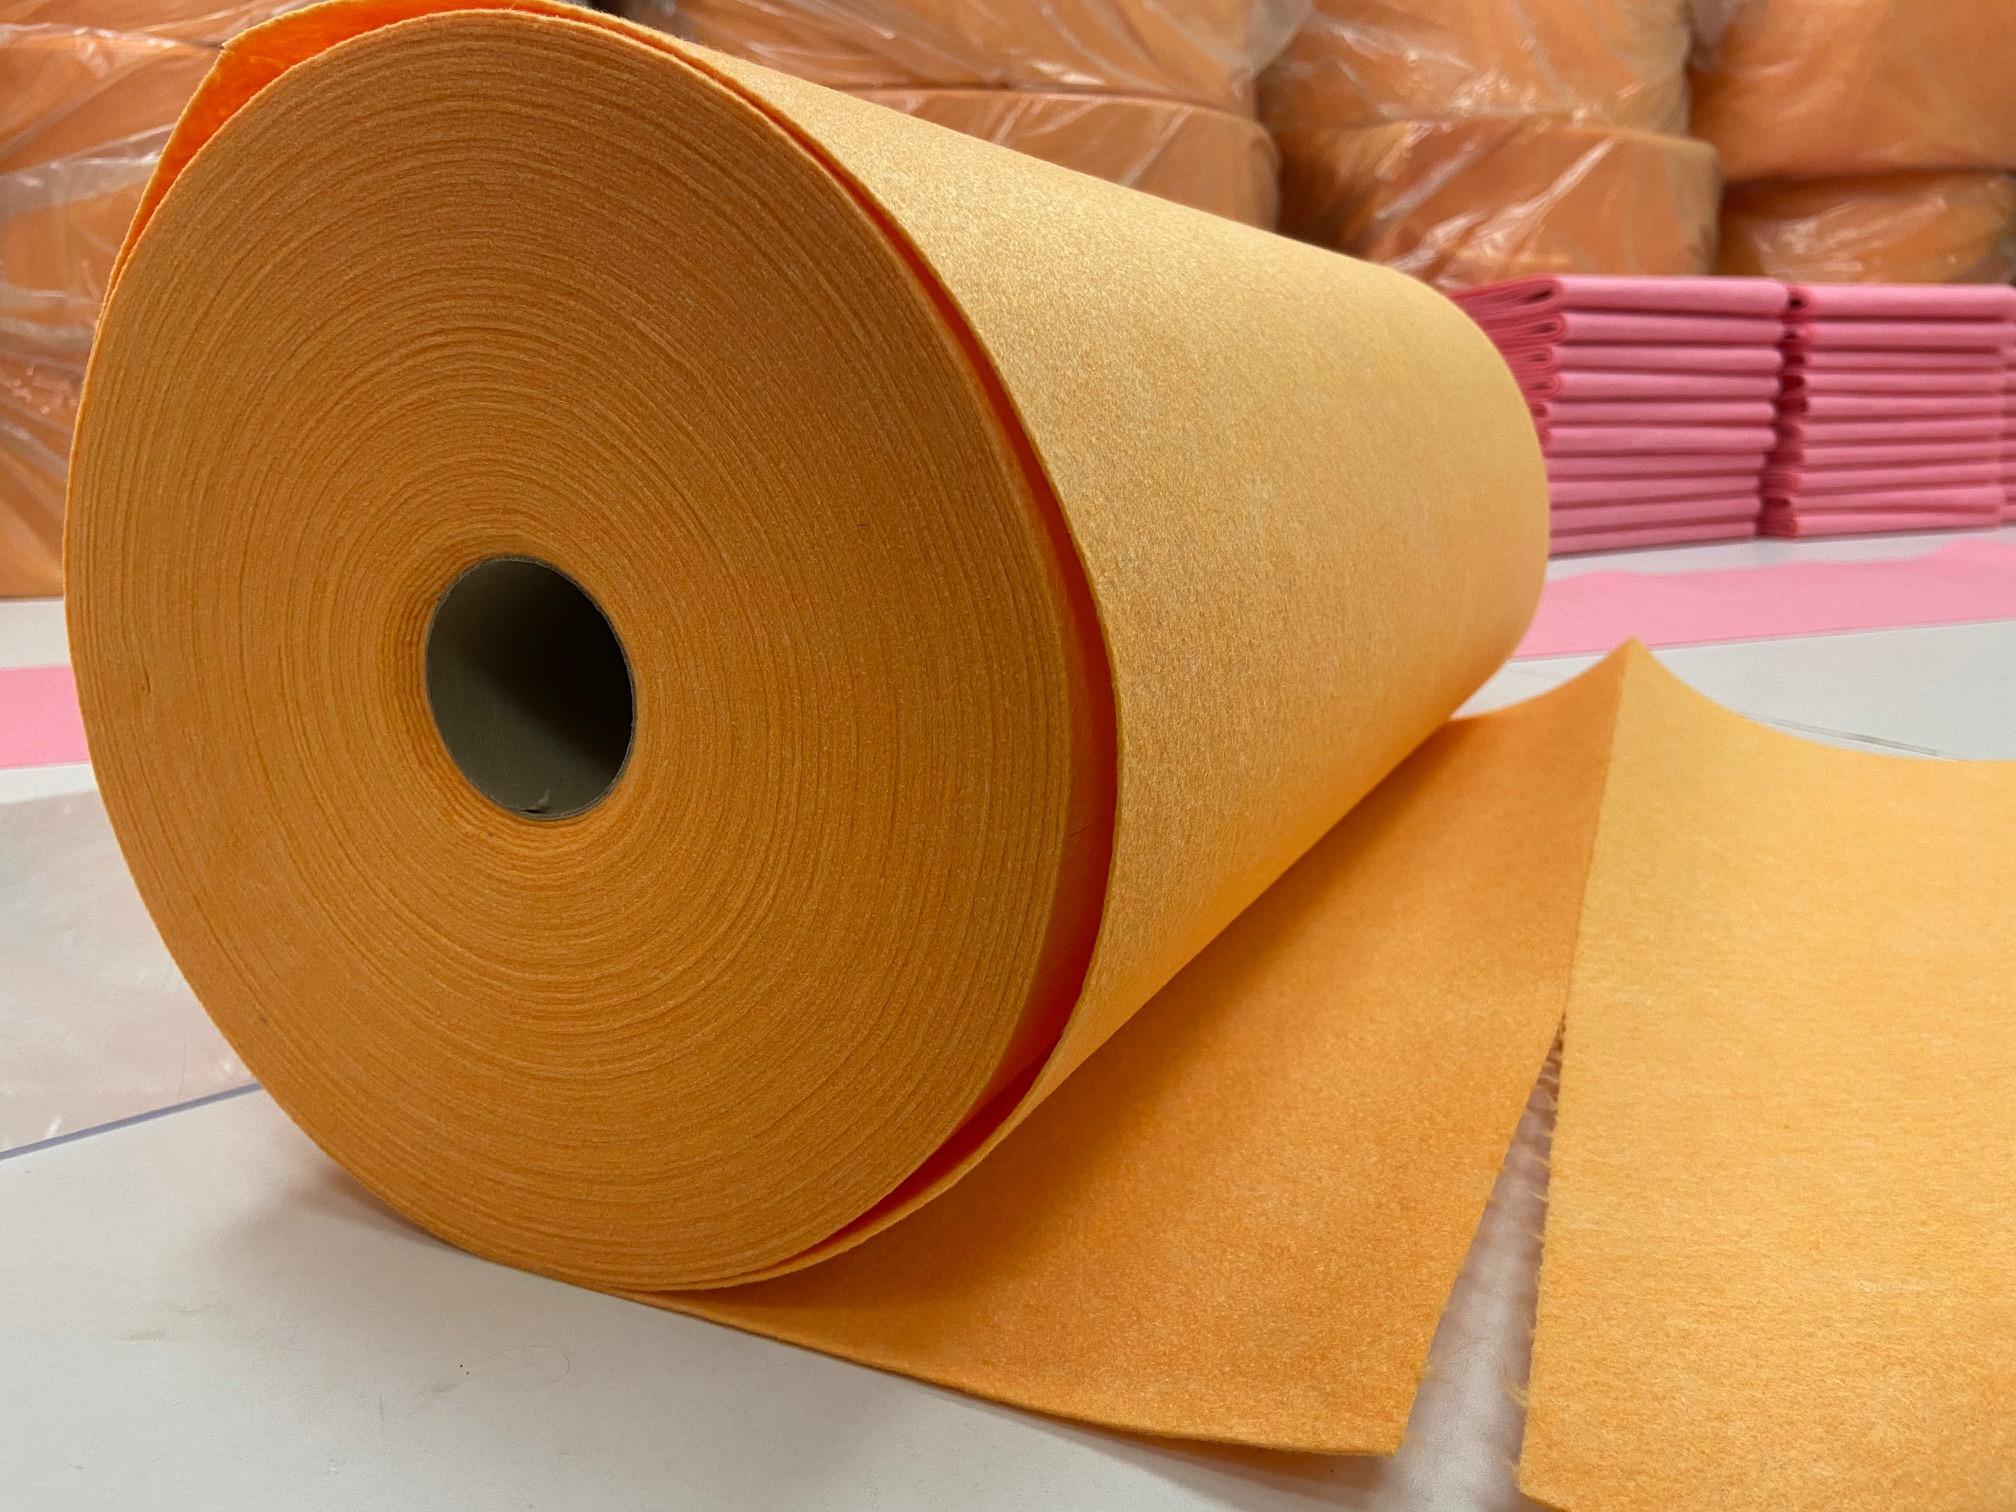 Universālā lupata oranža, noplēšama. Bl.160g/m², pl.50cm. Cena norādīta ar PVN (21%) par rulli 45m (75gab). Bezmaksas piegāde!